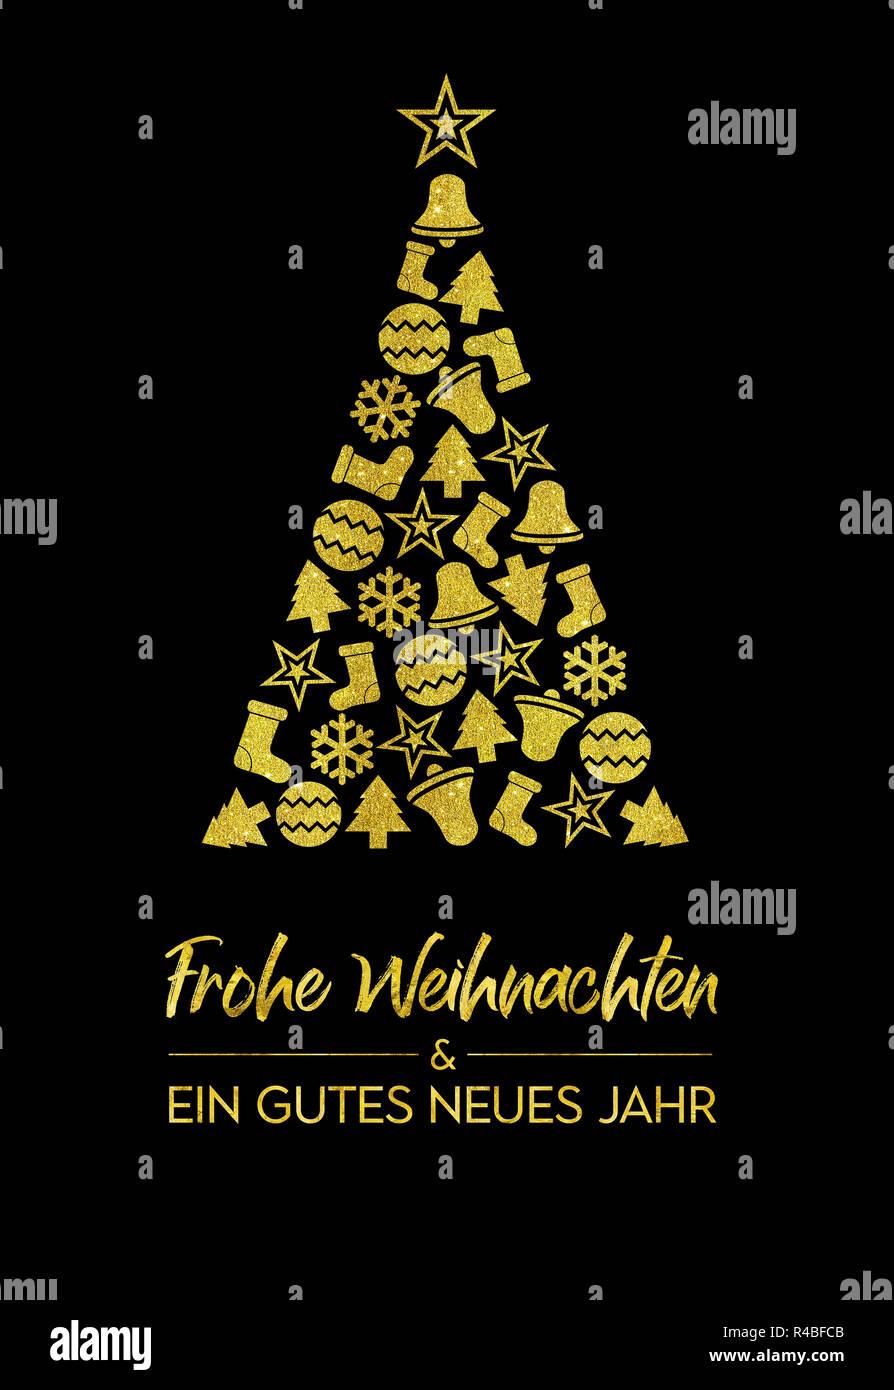 Frohe Weihnachten Und Happy New Year.Greeting Card Frohe Weihnachten Und Ein Gutes Neues Jahr Merry